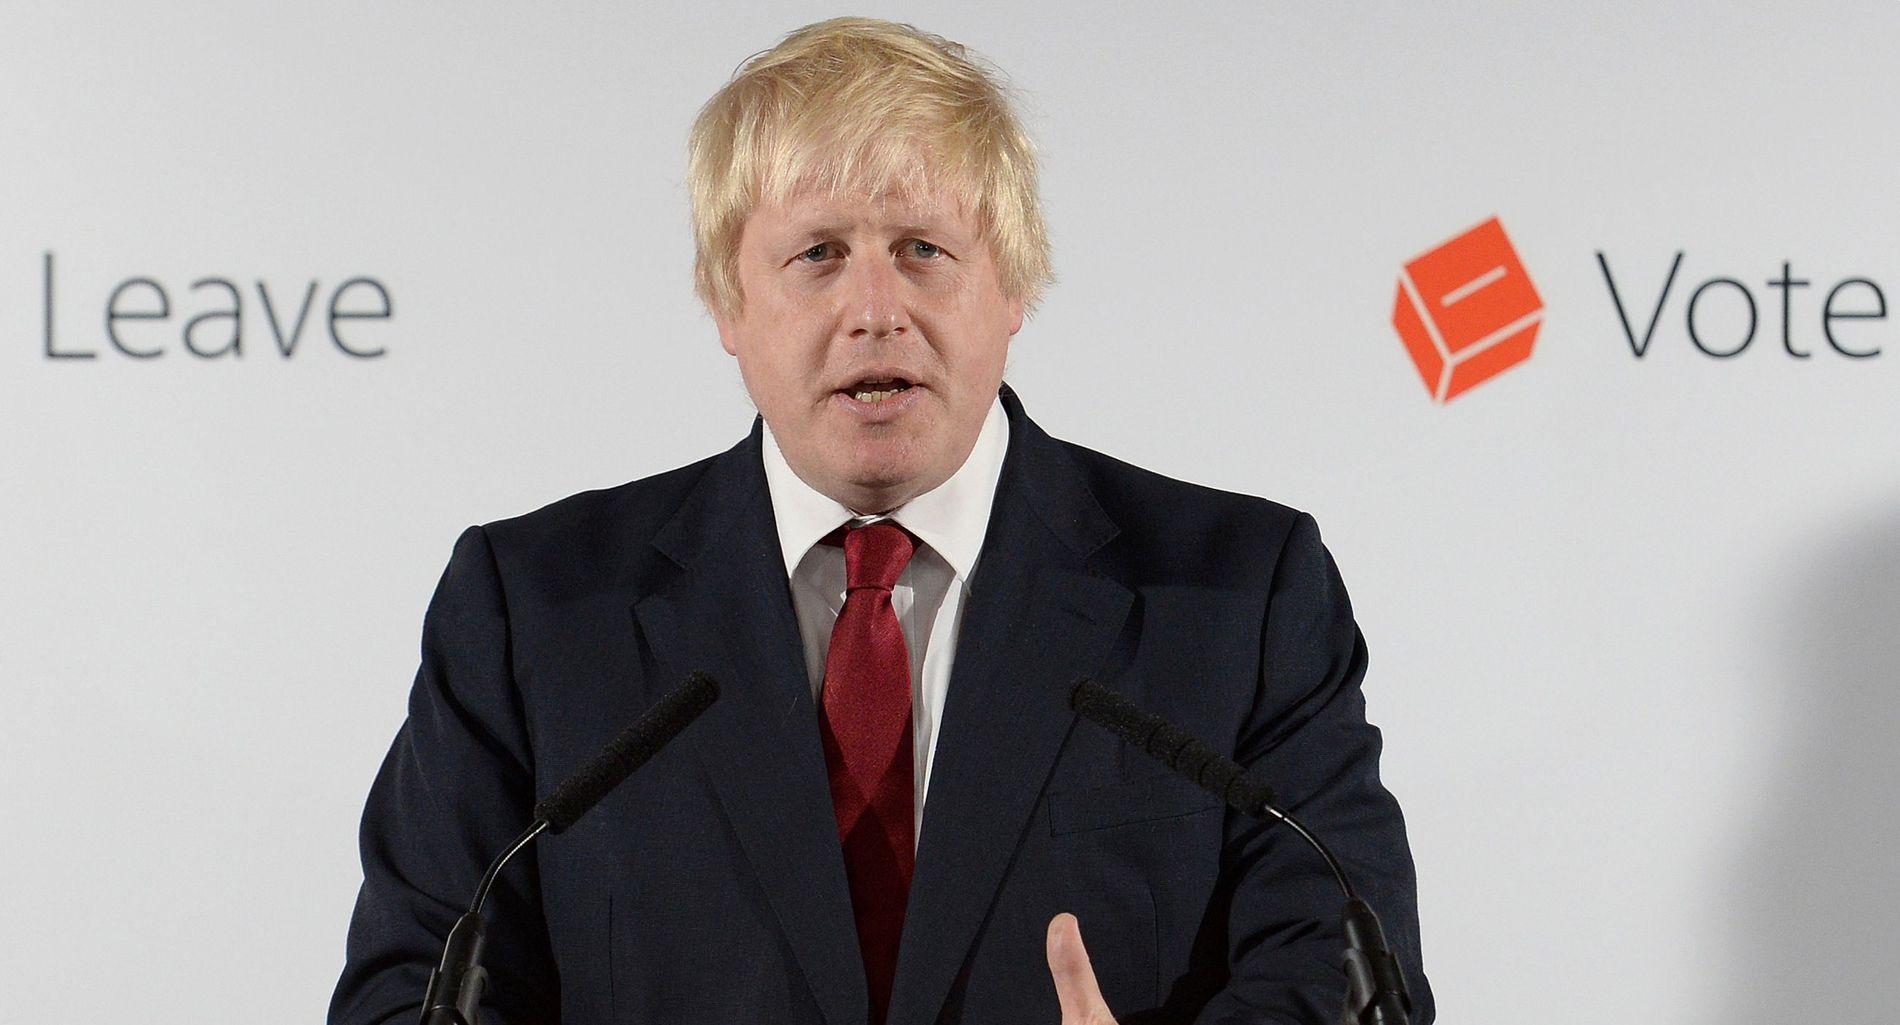 VINNER: Boris Johnson